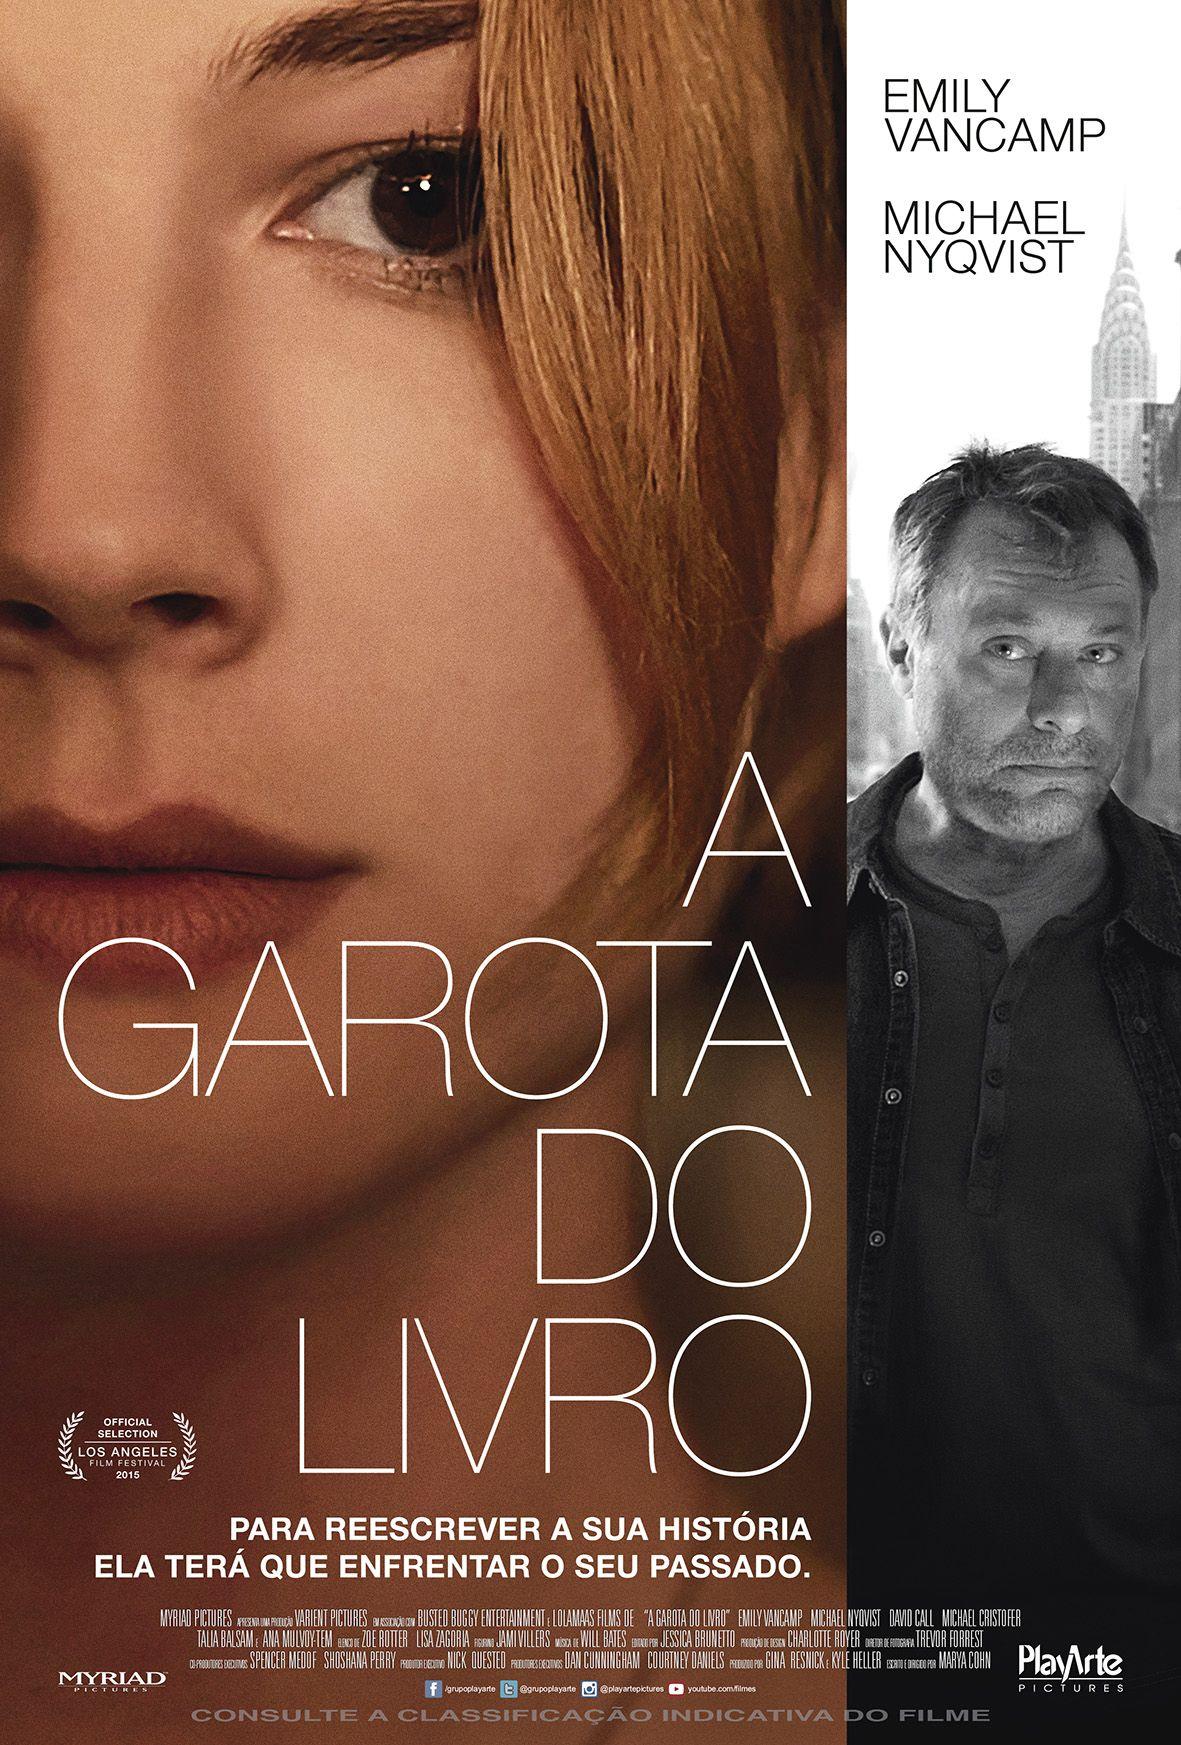 Critica A Garota Do Livro Http Cinemacafeelivros Blogspot Com